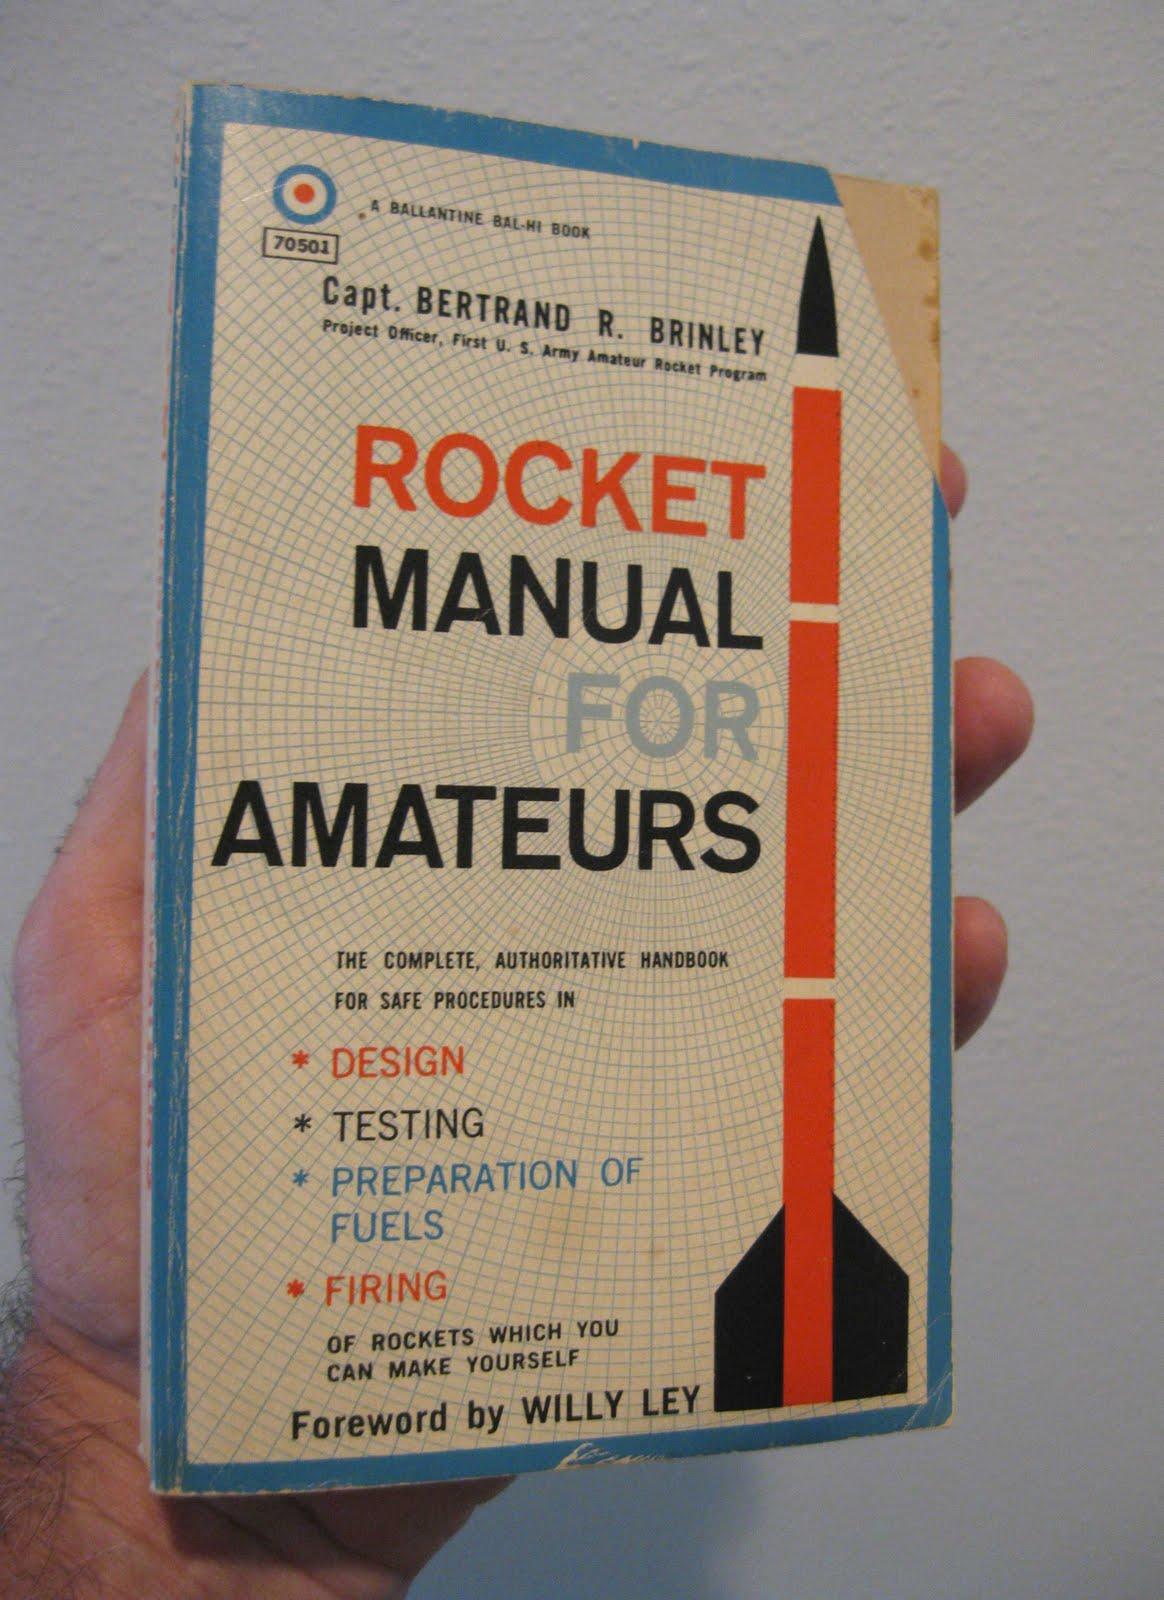 model rocket building  rocket manual for amateurs book